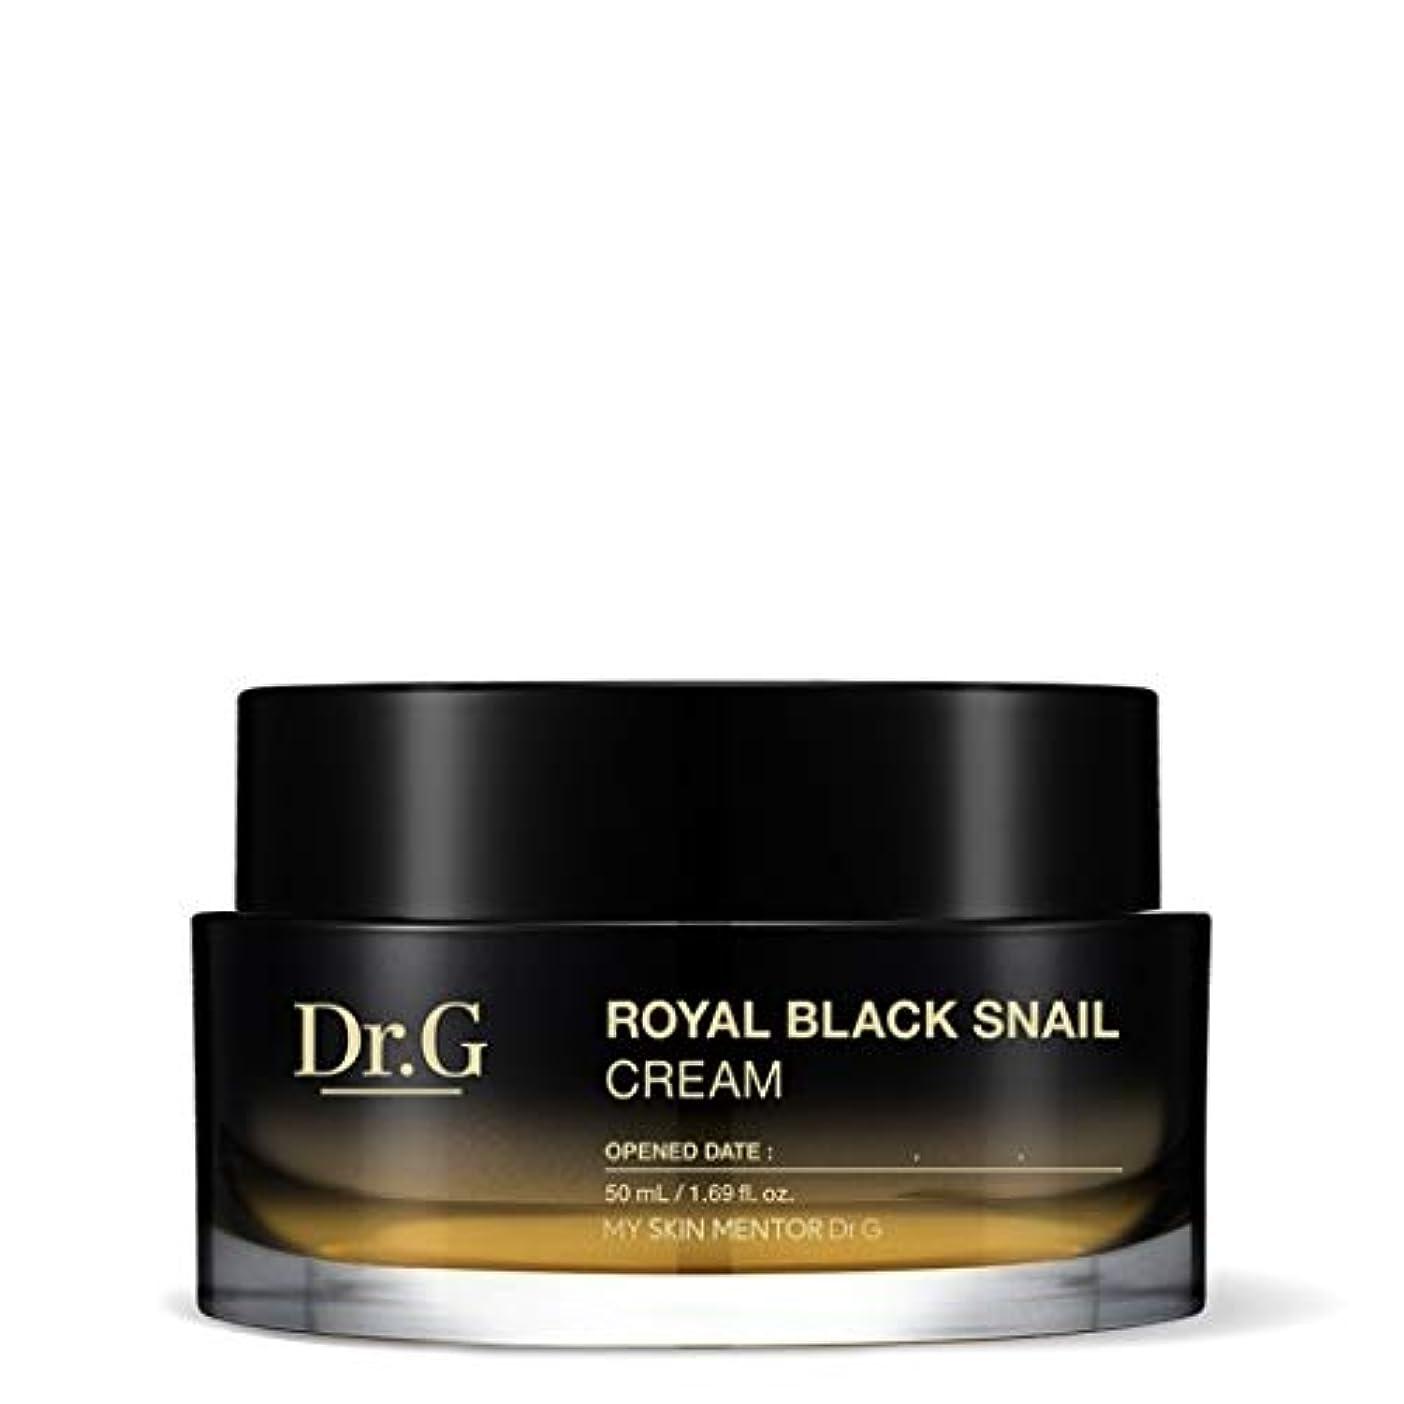 歯車根絶する不潔[Dr.Gドクタージー] ロイヤルブラックスネイルクリーム 50ml / Royal Black Snail Cream